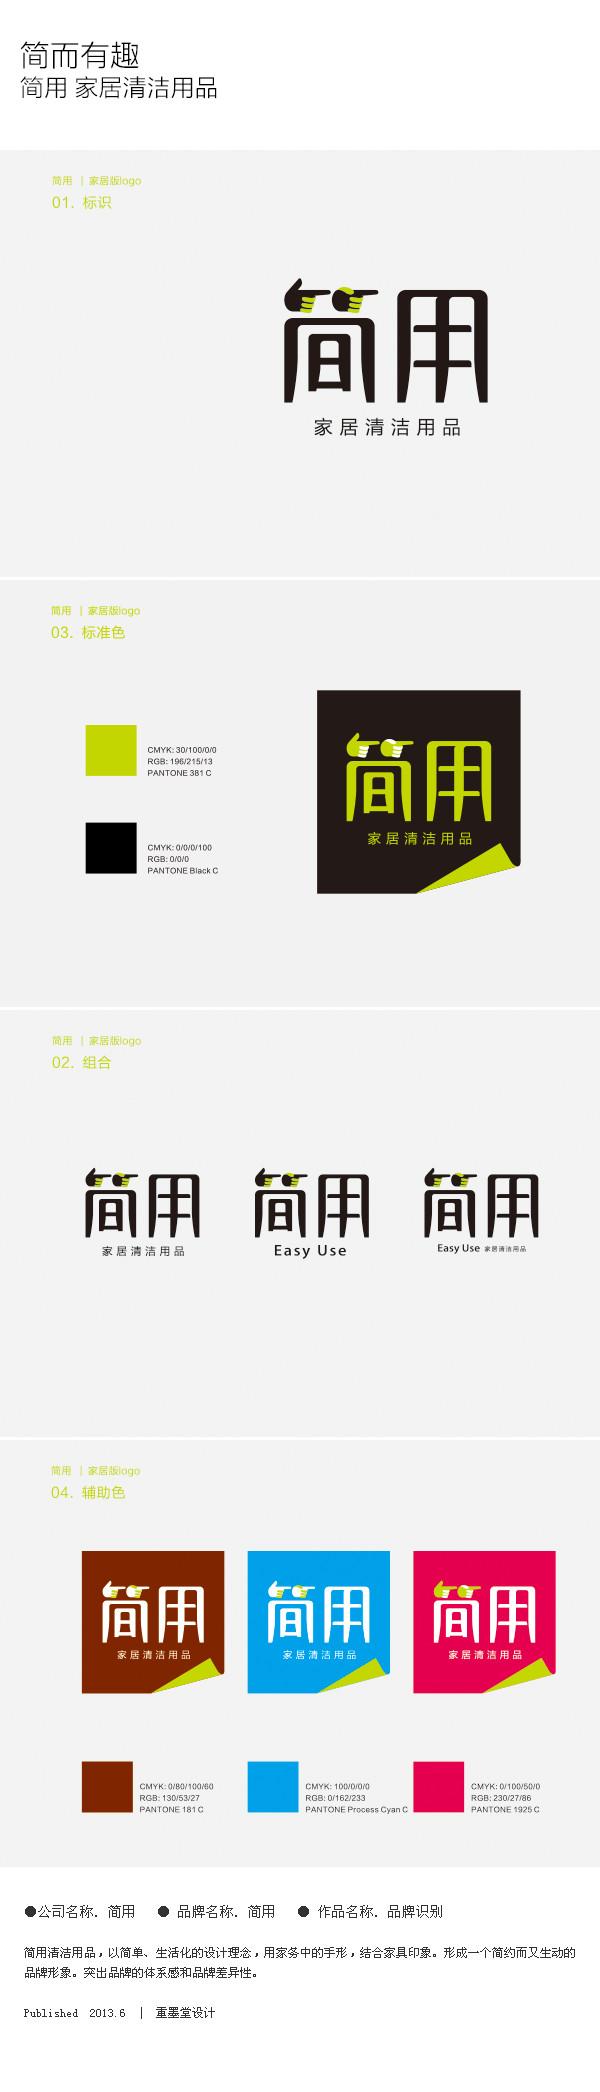 简用清洁用品2013.6发布.jpg